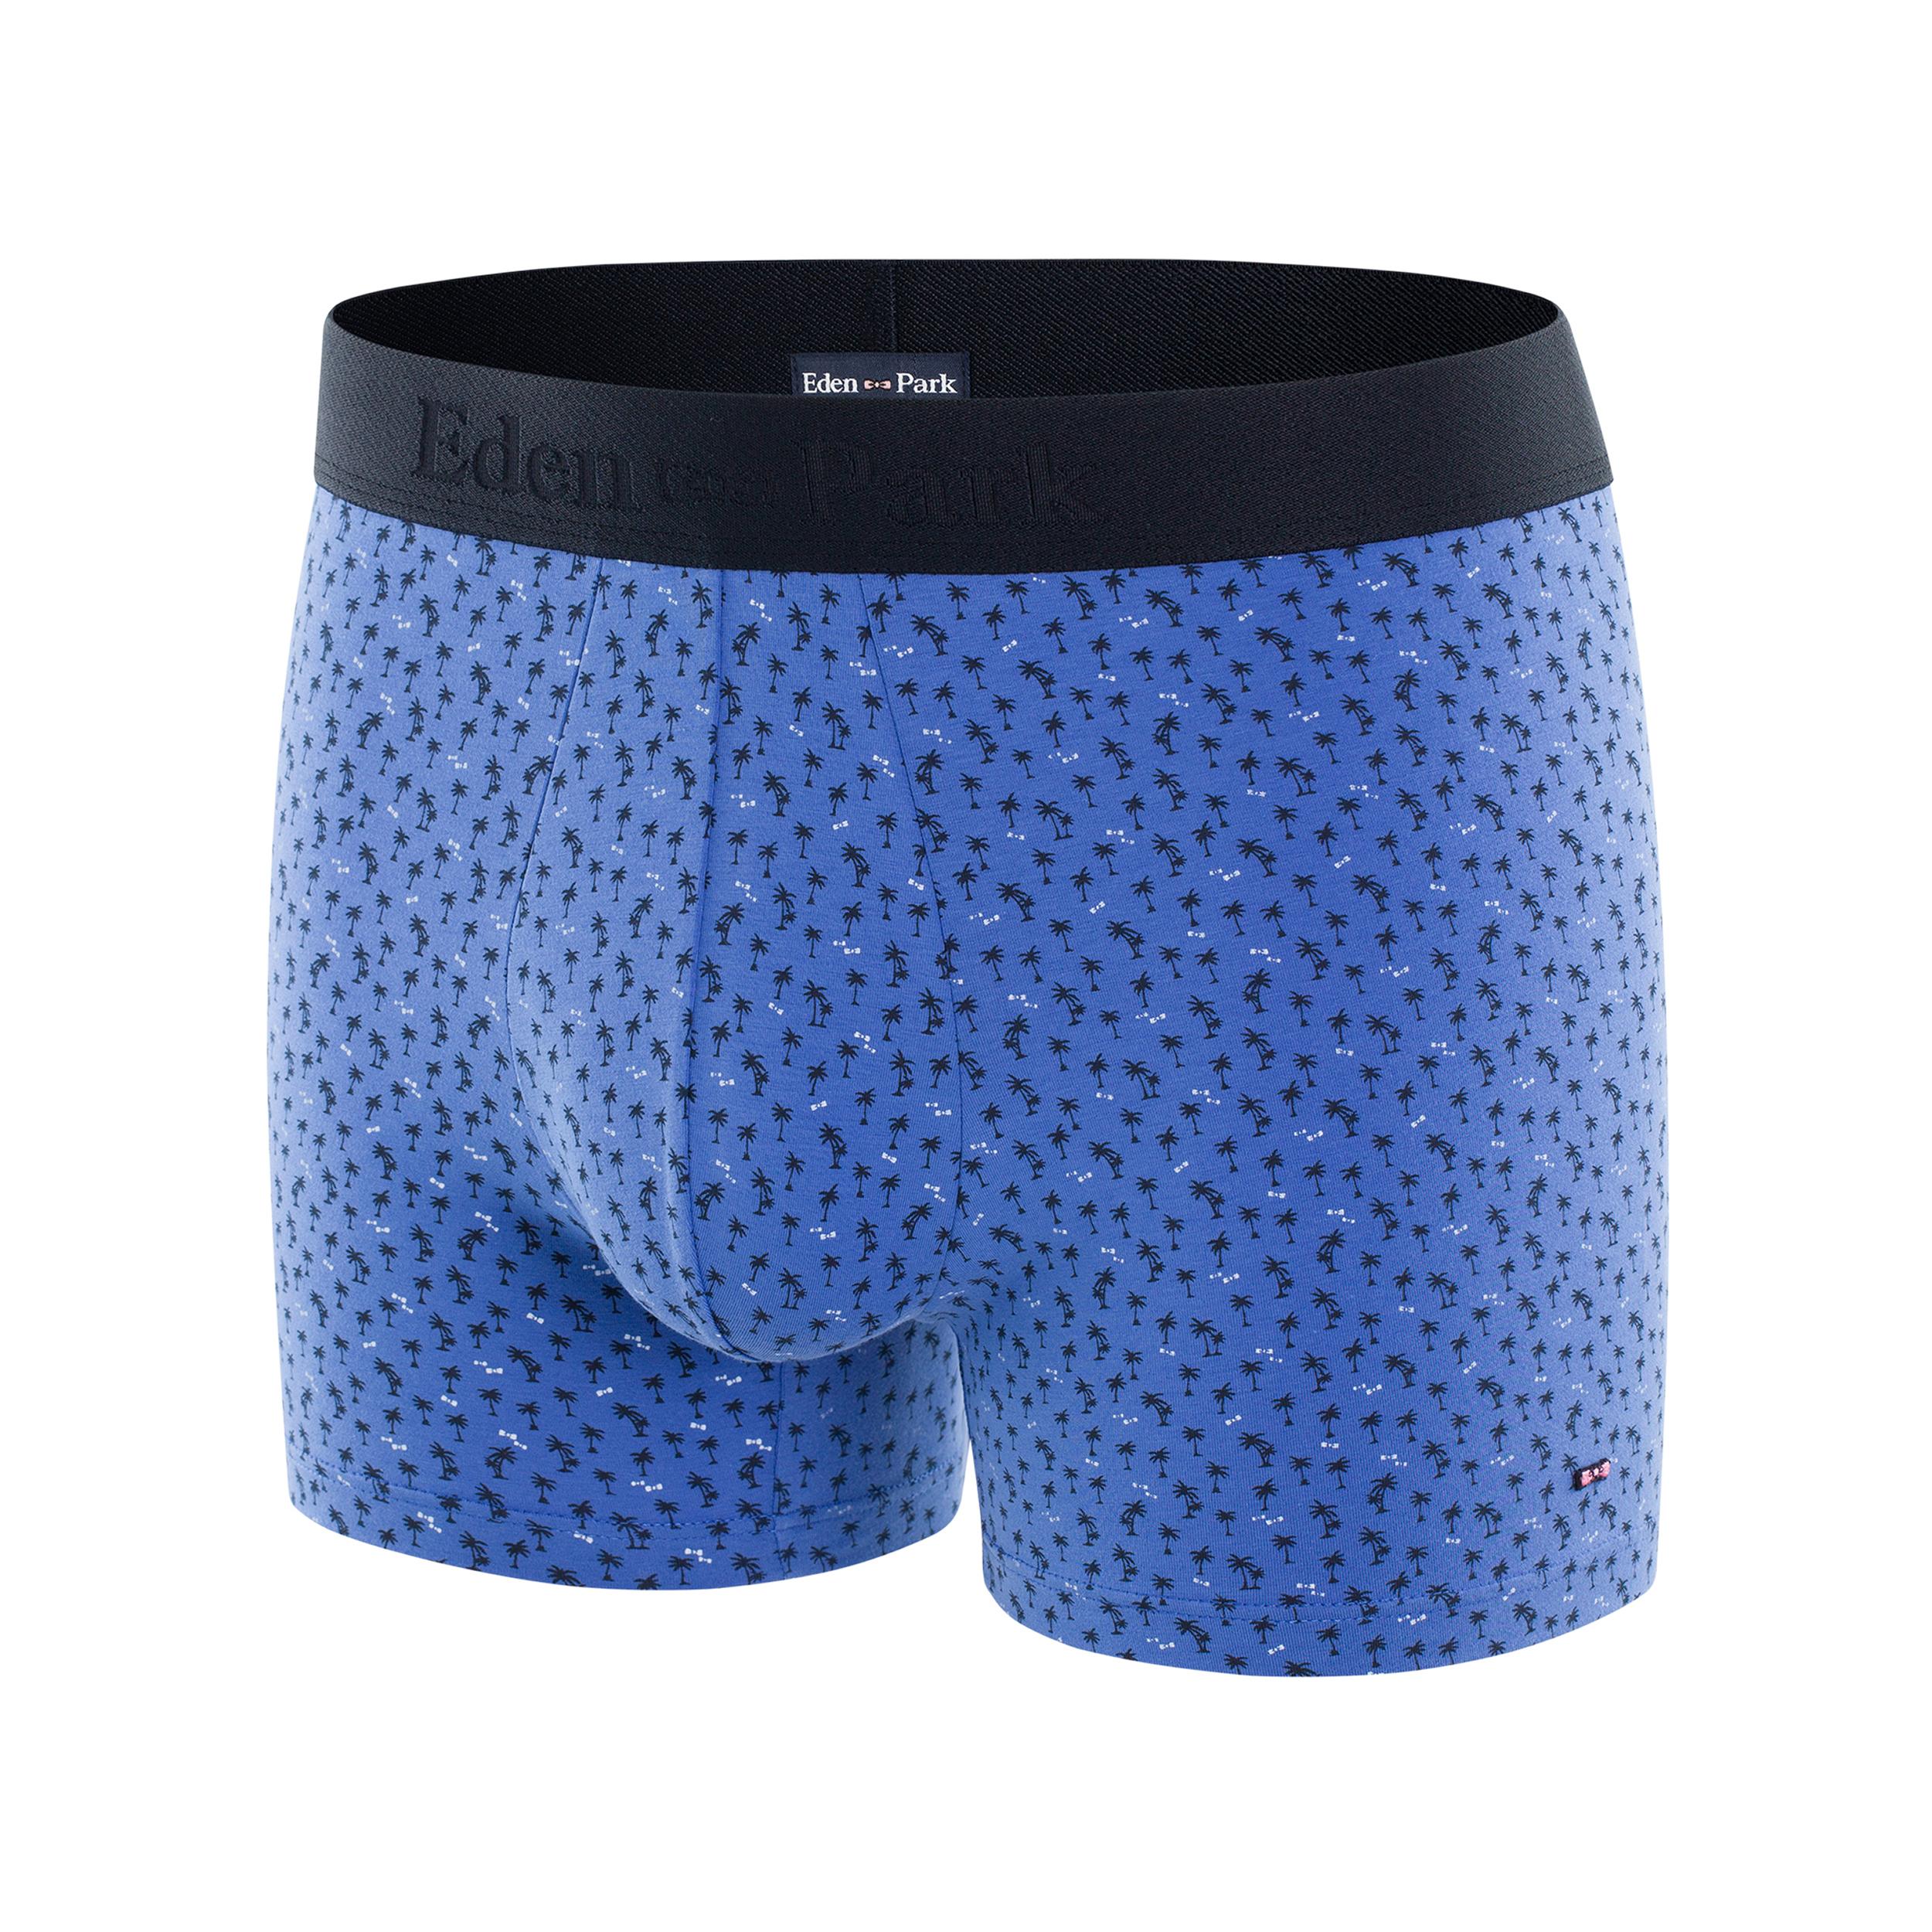 Boxer eden park en coton stretch bleu ciel à motifs palmiers bleu marine